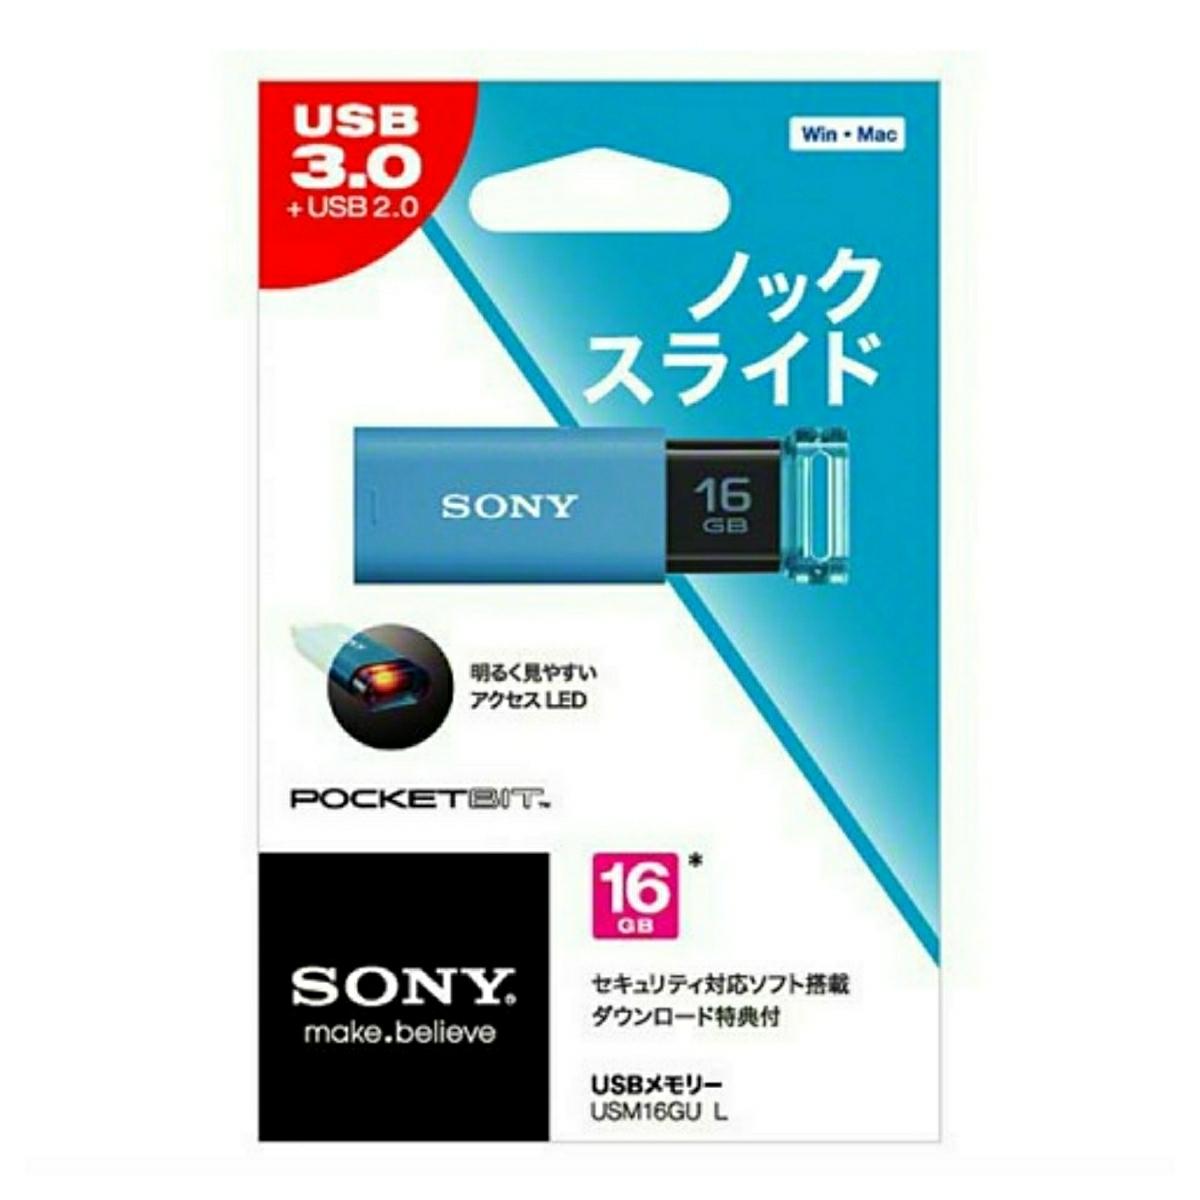 ノックスライド式USB3.0メモリー16GBブルー(SONY)USM16GU L/T【1円スタート・新品・送料無料】